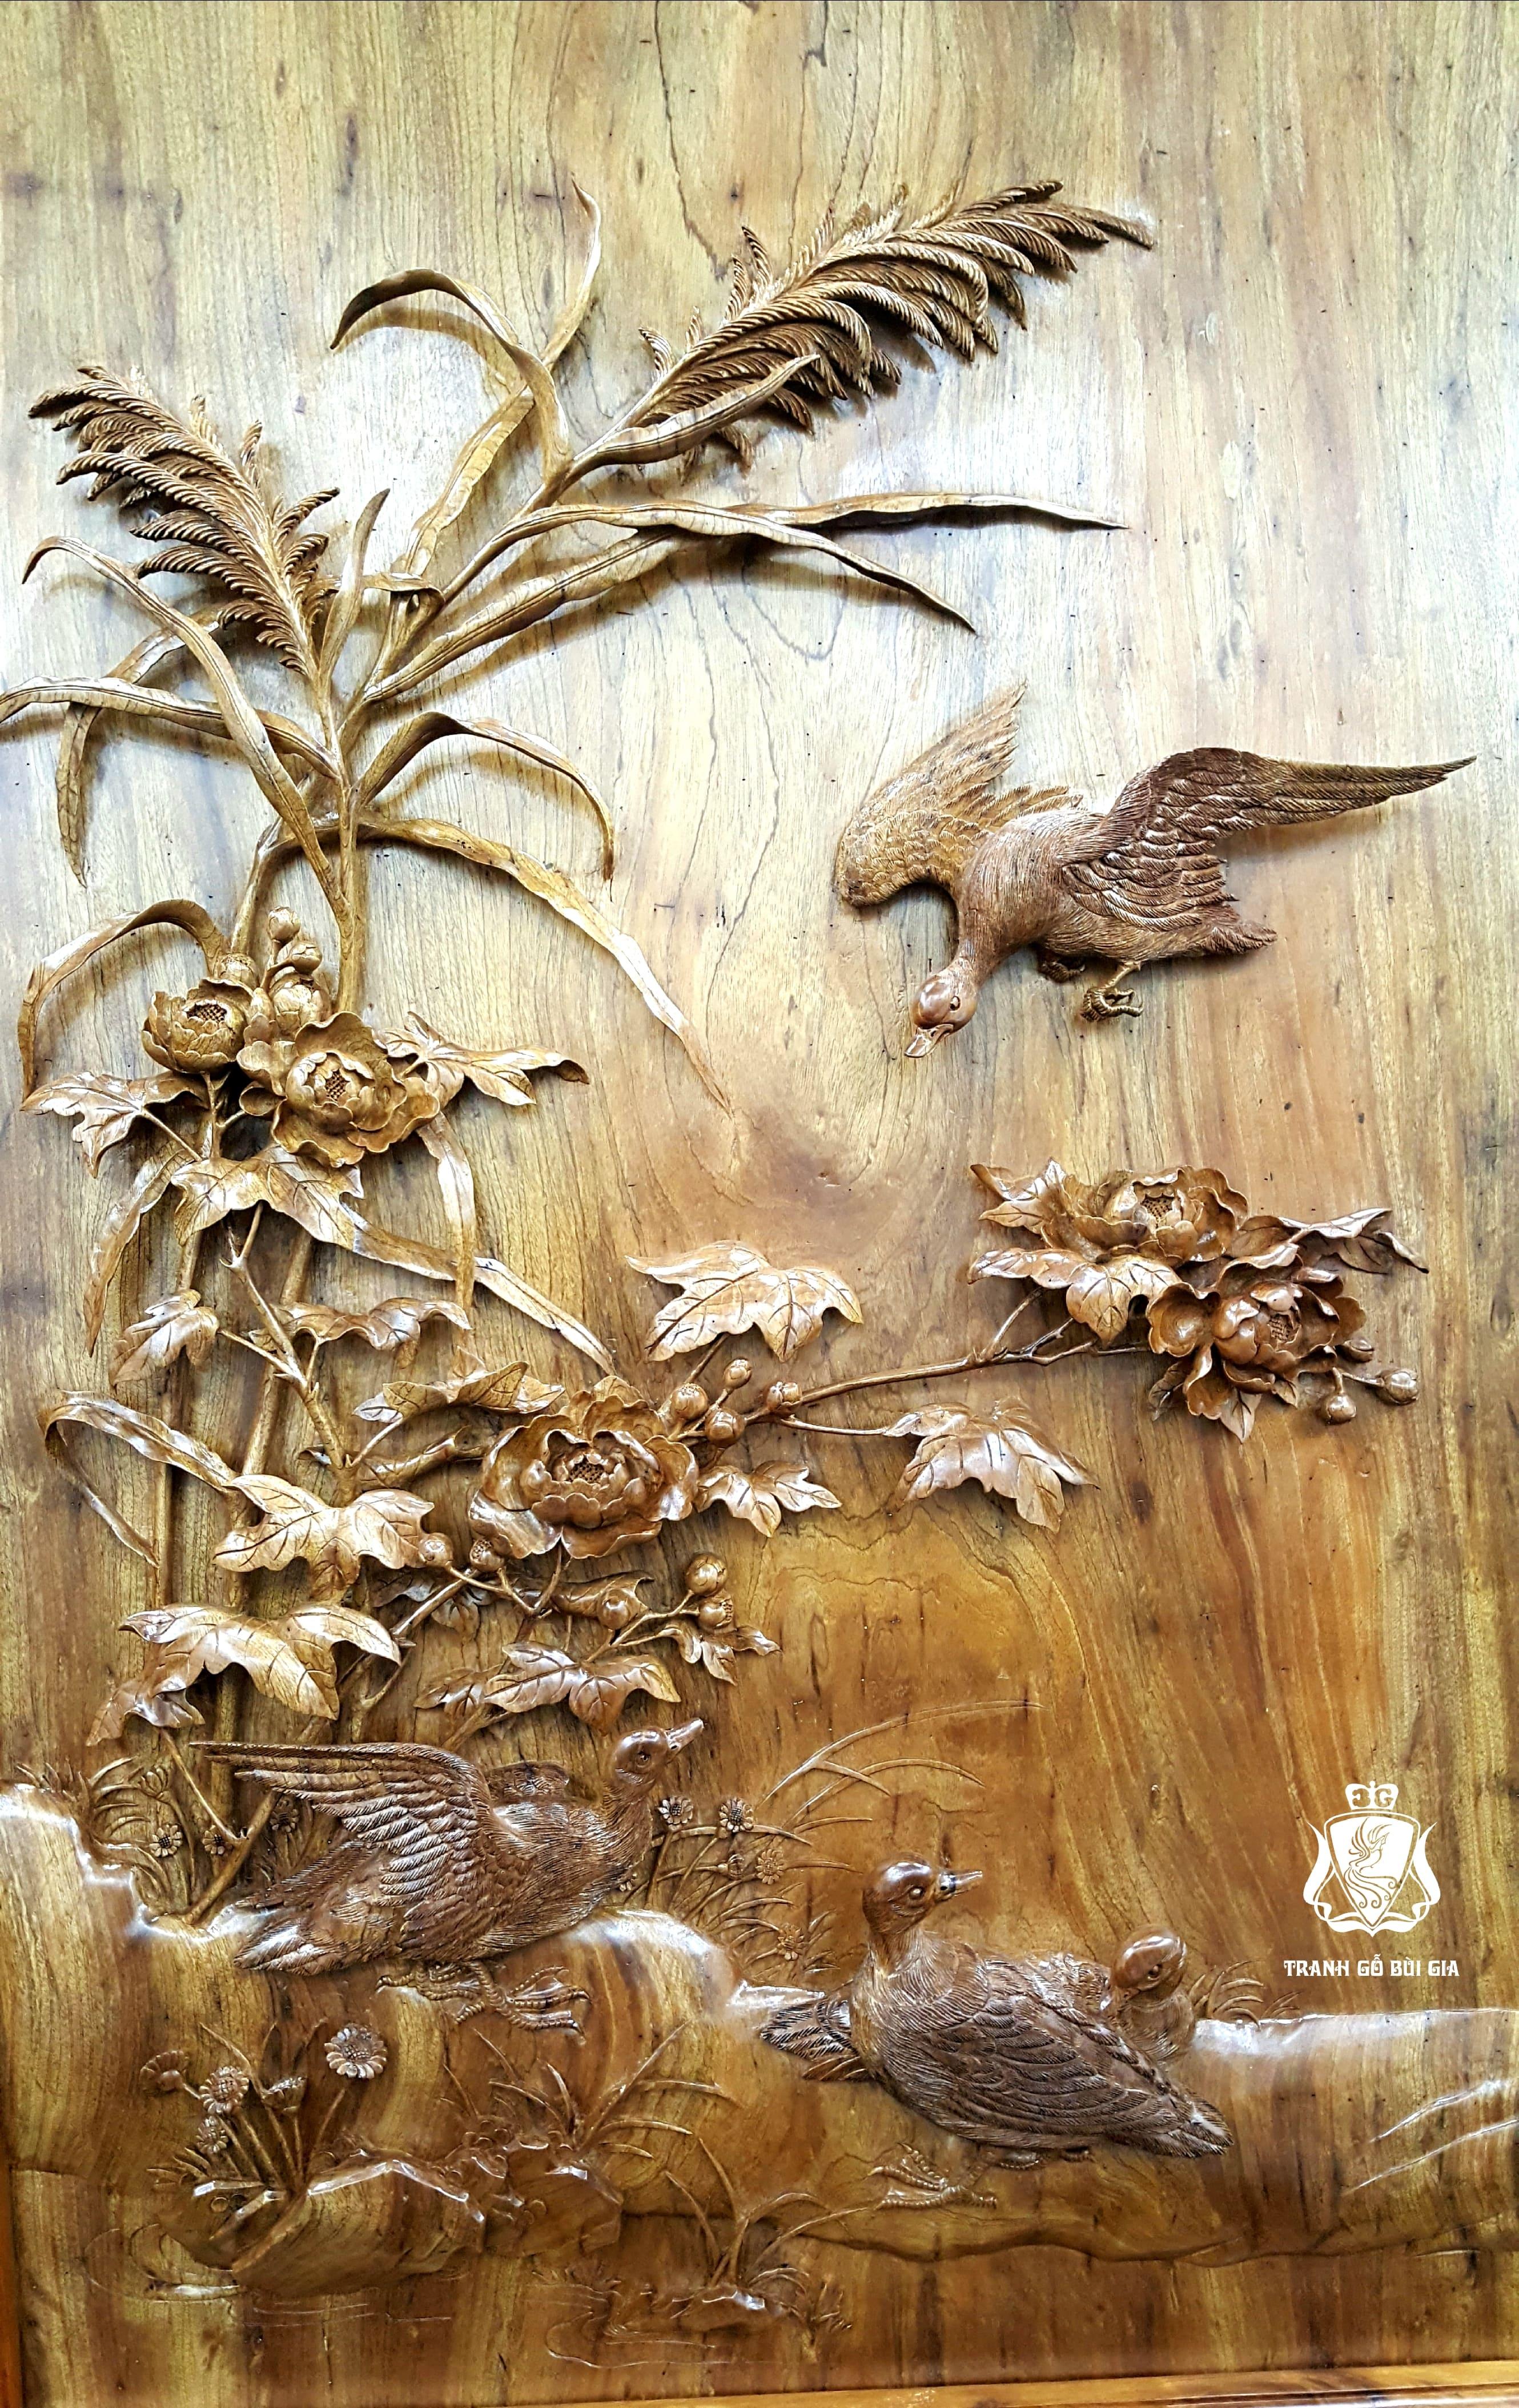 Tranh gỗ Phi Minh Túc Thực.